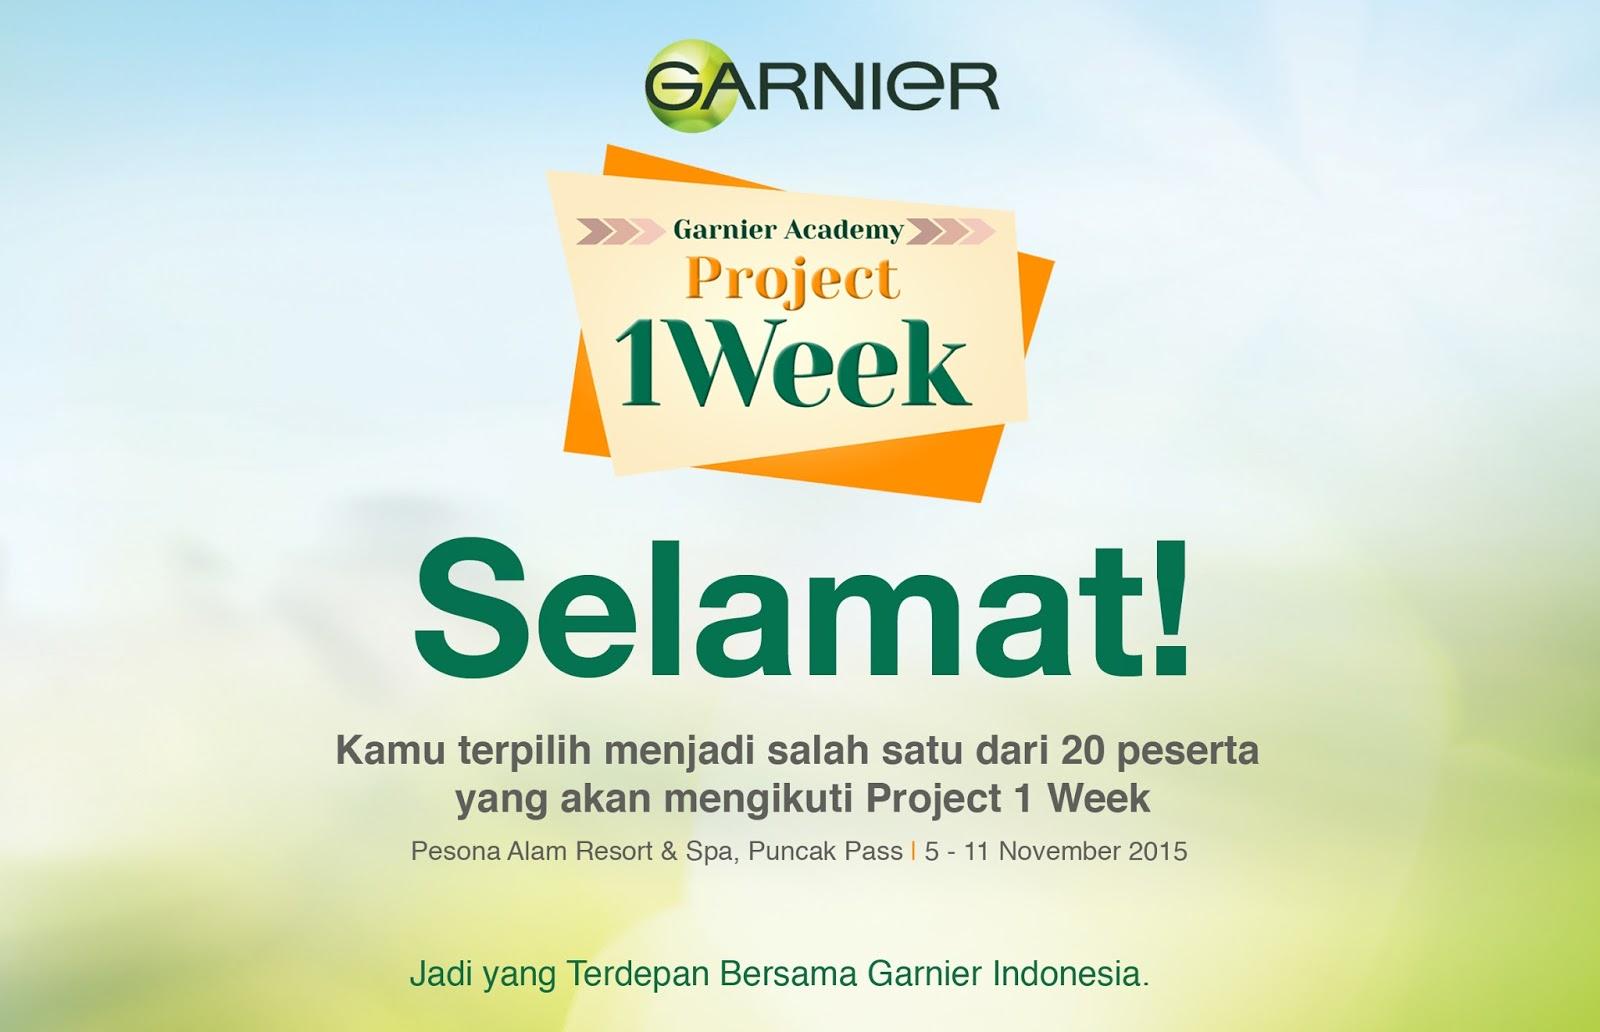 Project 1 Week